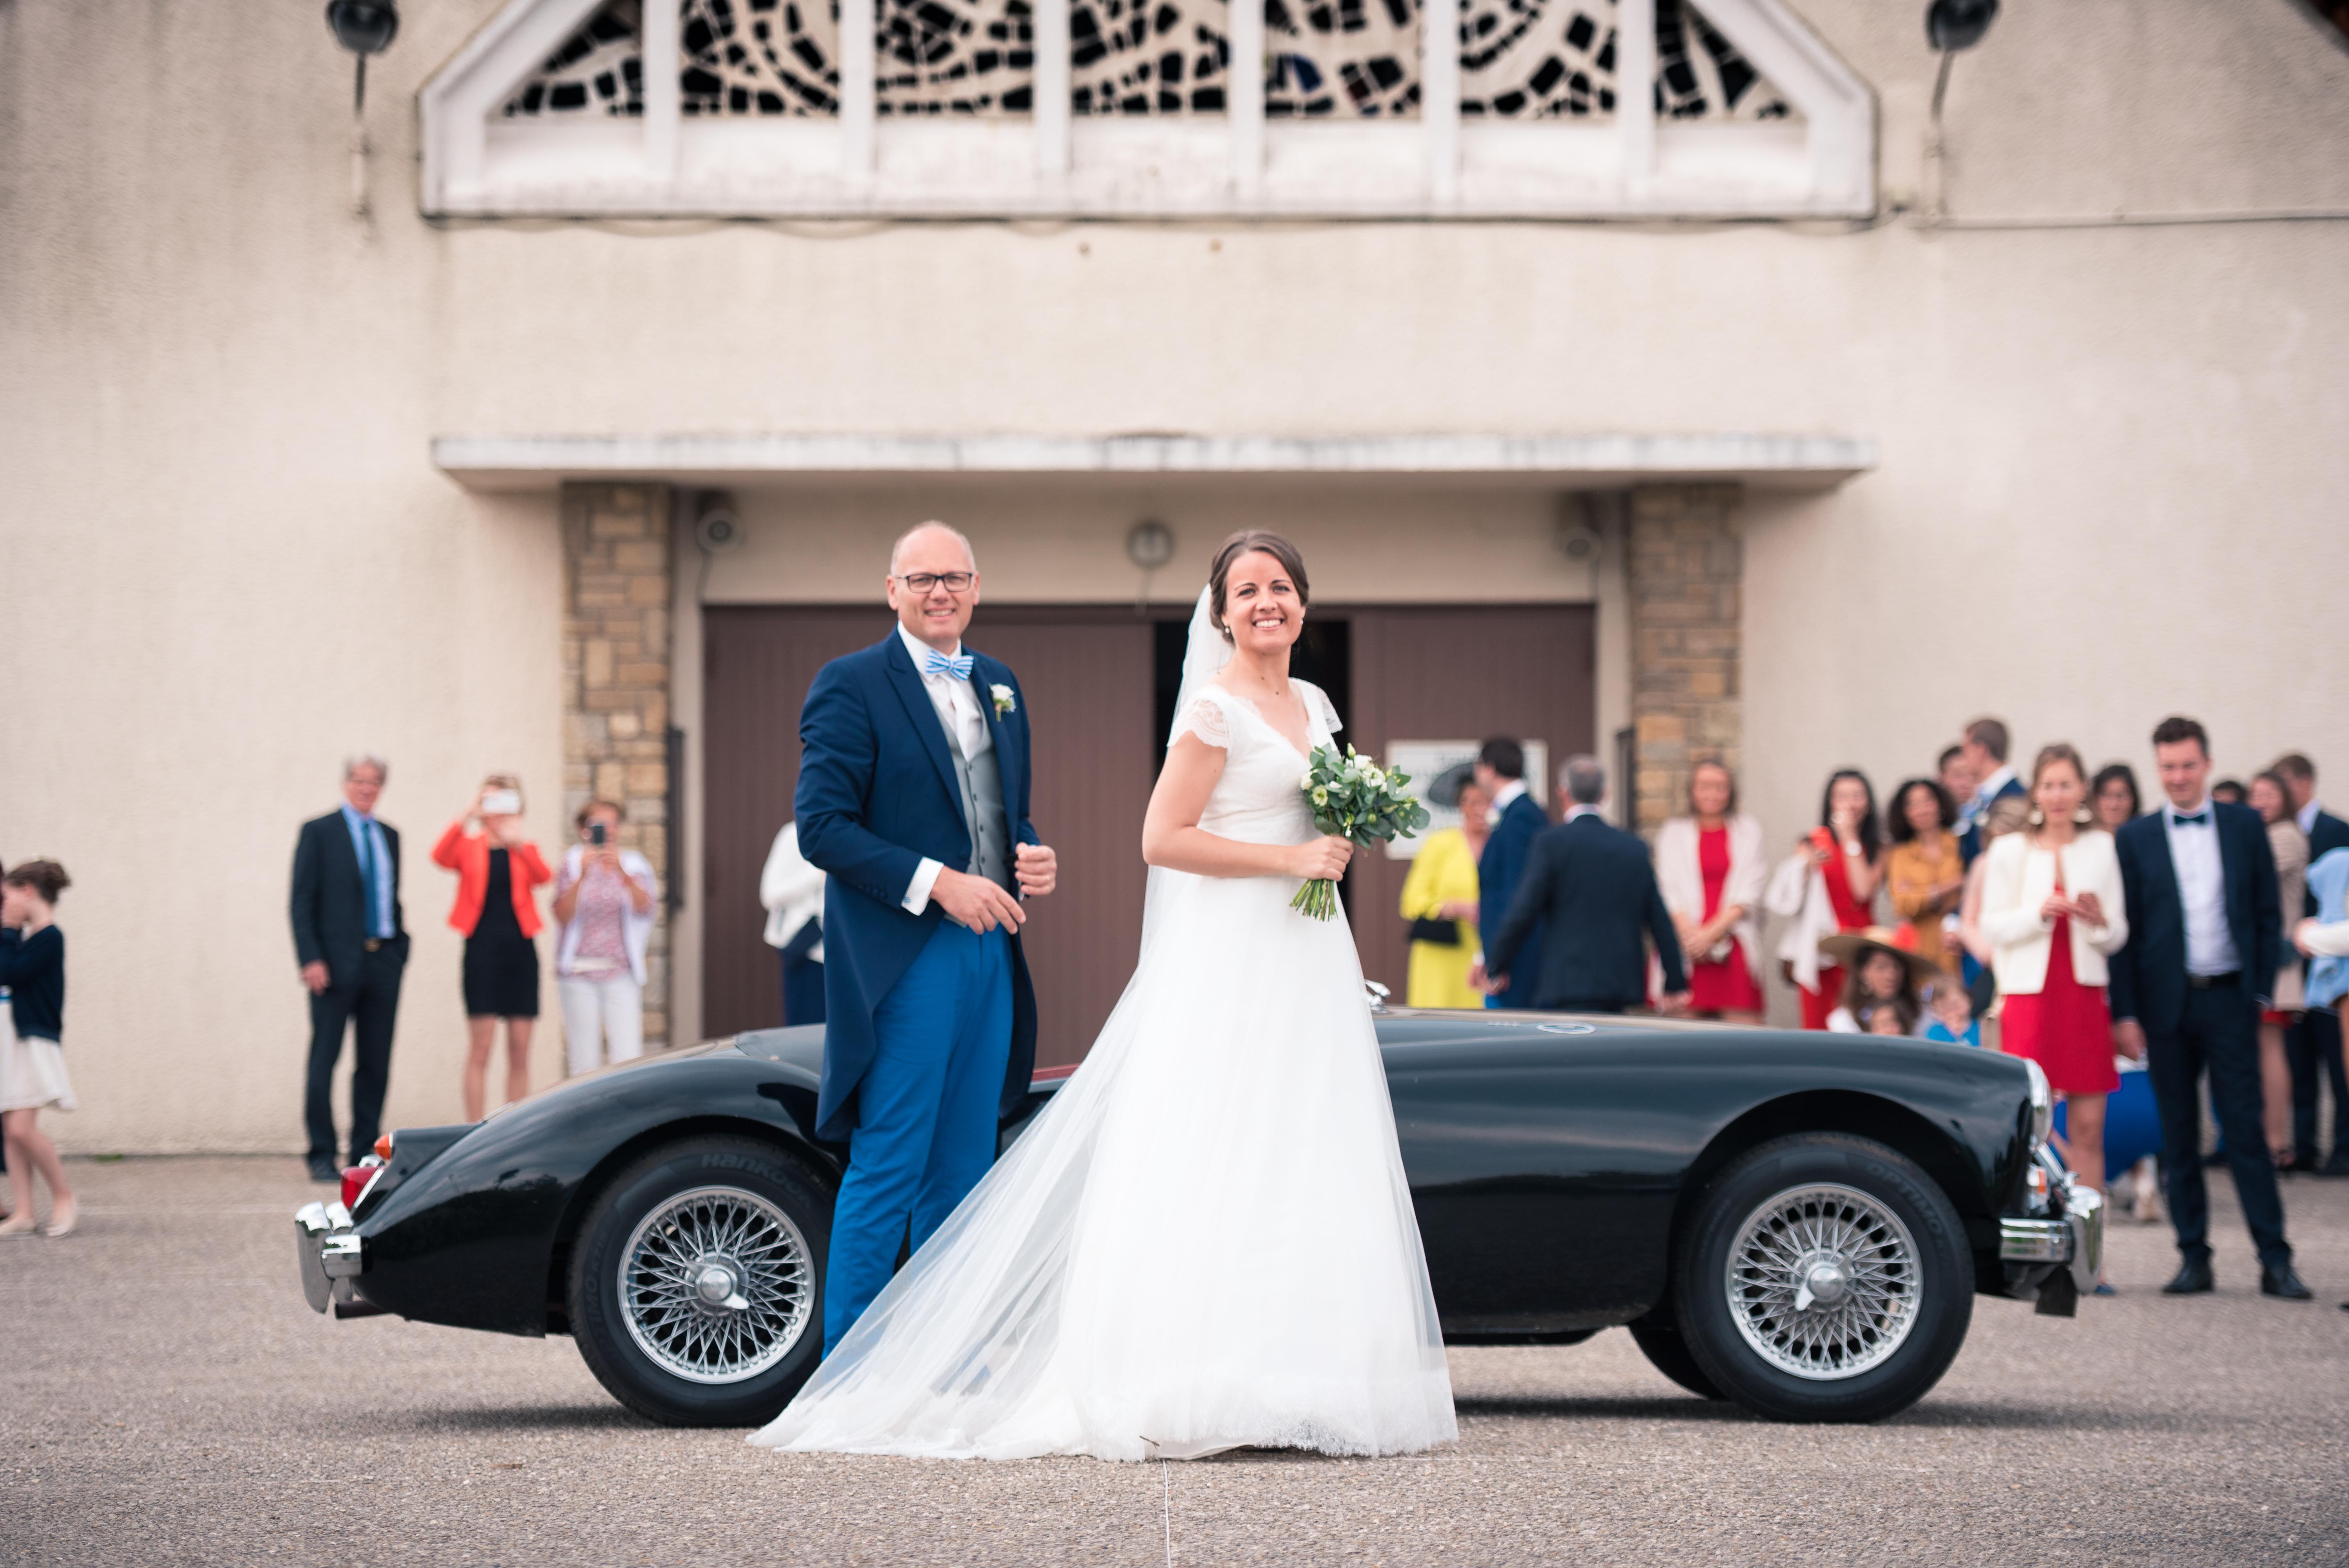 Mariage entre Le Touquet et Hardelot